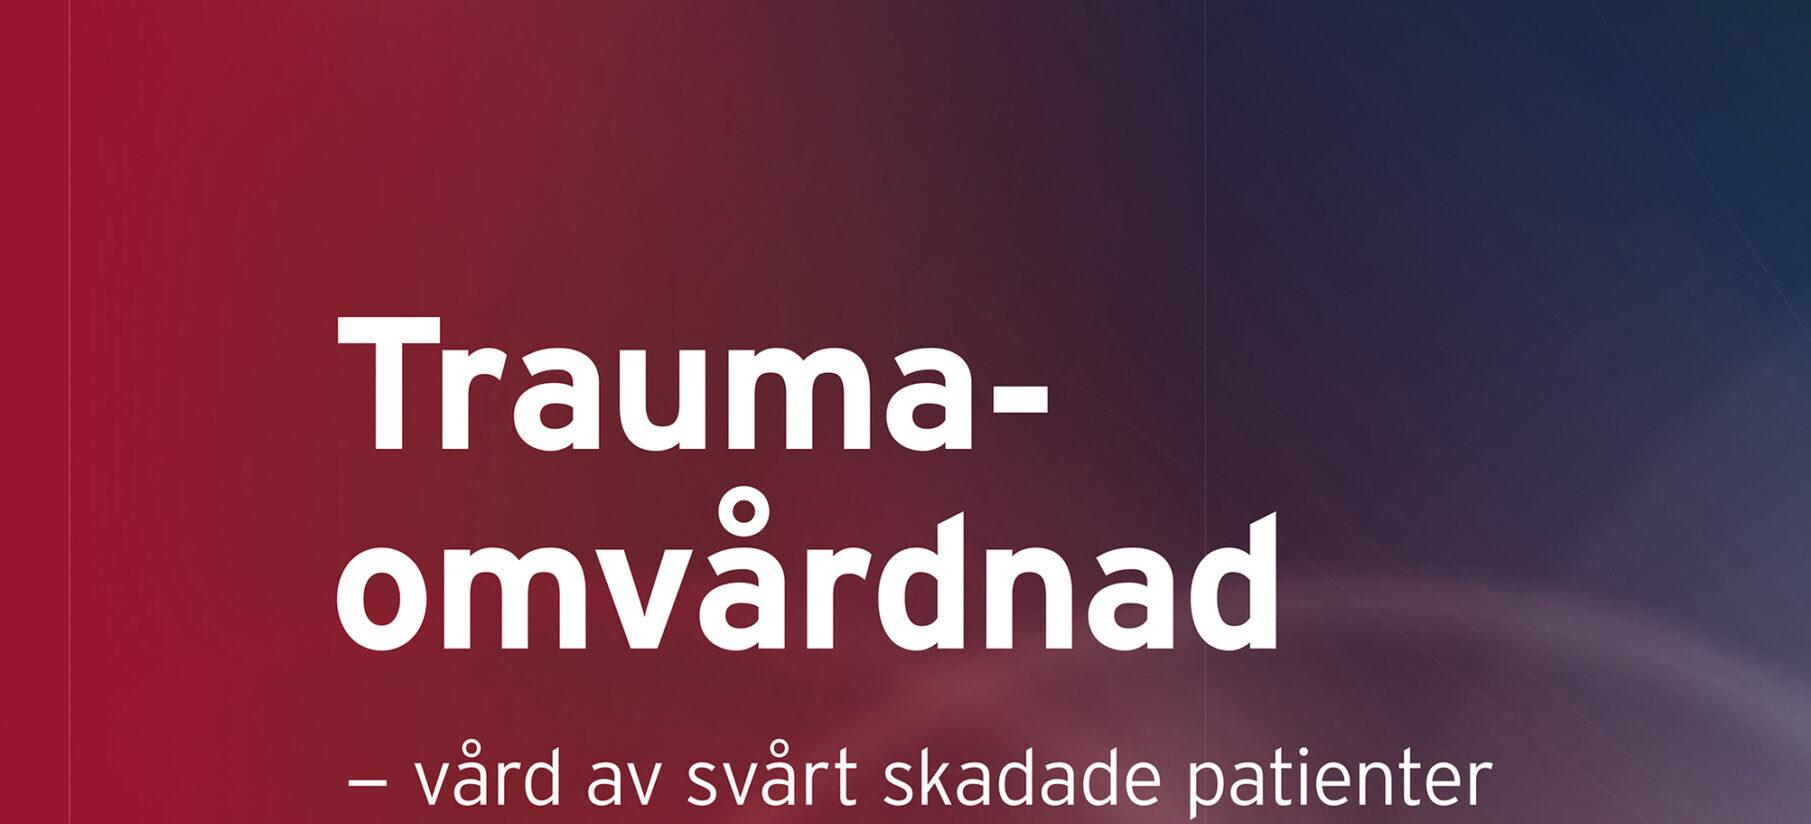 Framsida på boken Traumaomvårdnad.